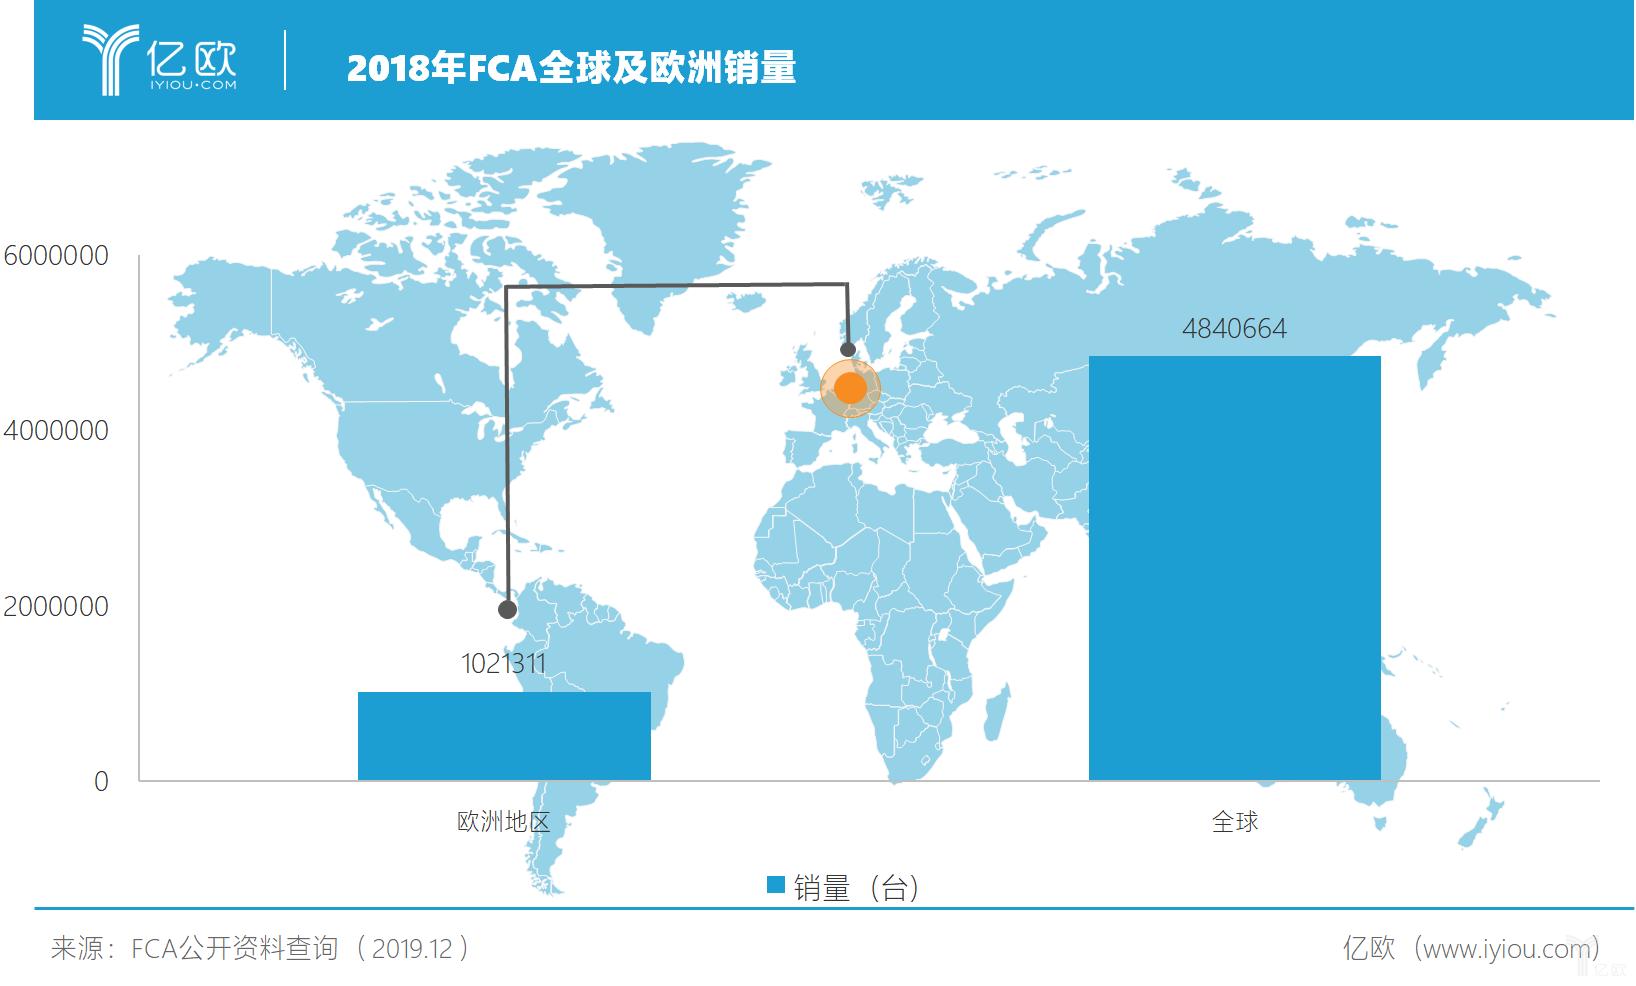 2018年FCA全球及欧洲销量